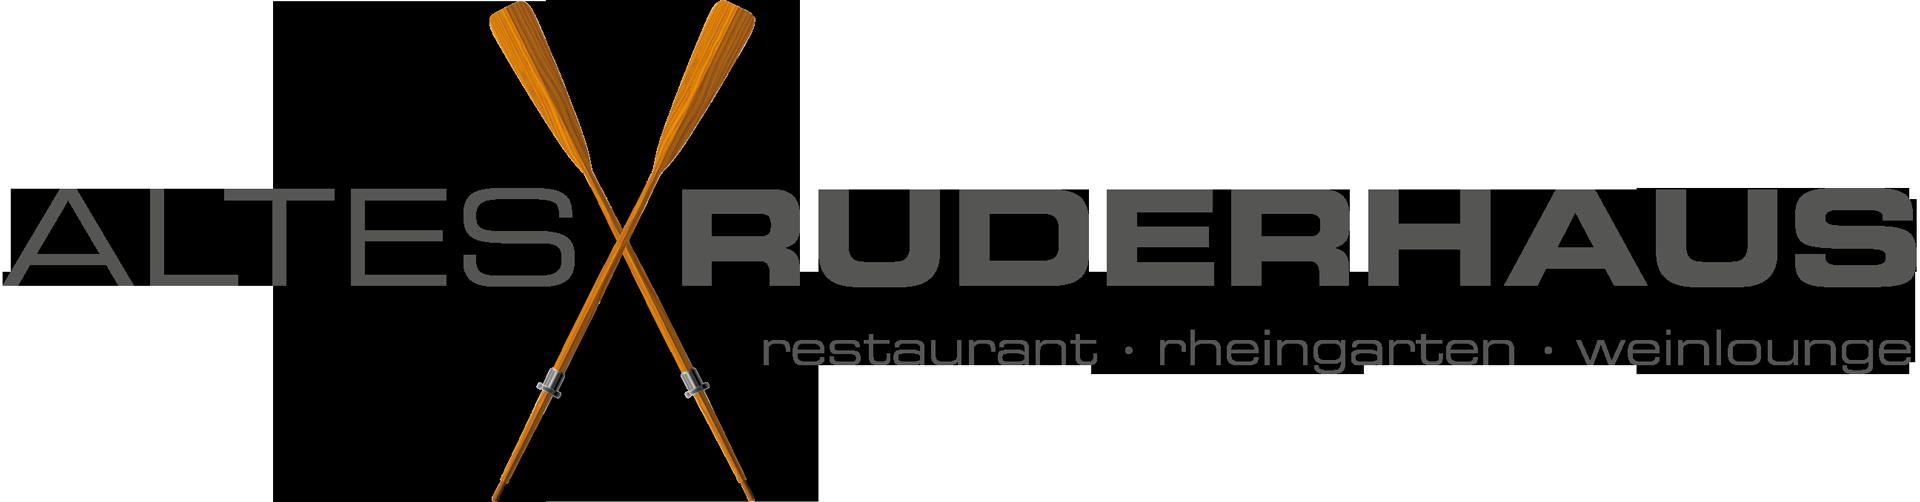 Restaurant Altes Ruderhaus